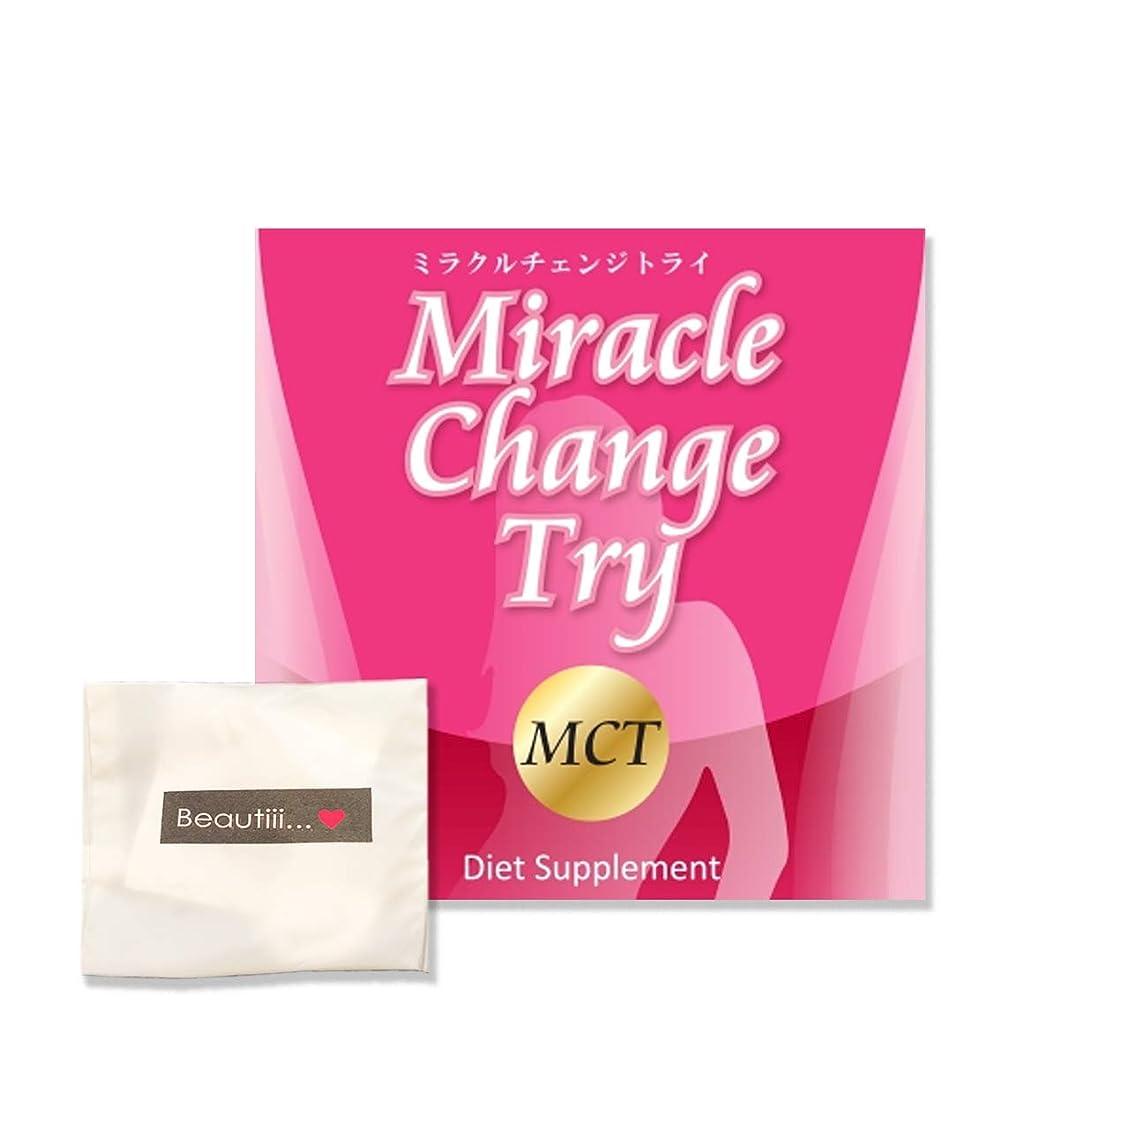 協会マットレス名前Beautiiiセット & Miracle Change Try ミラクルチェンジトライ 60粒【ギフトセット】SNSで話題!大人気!